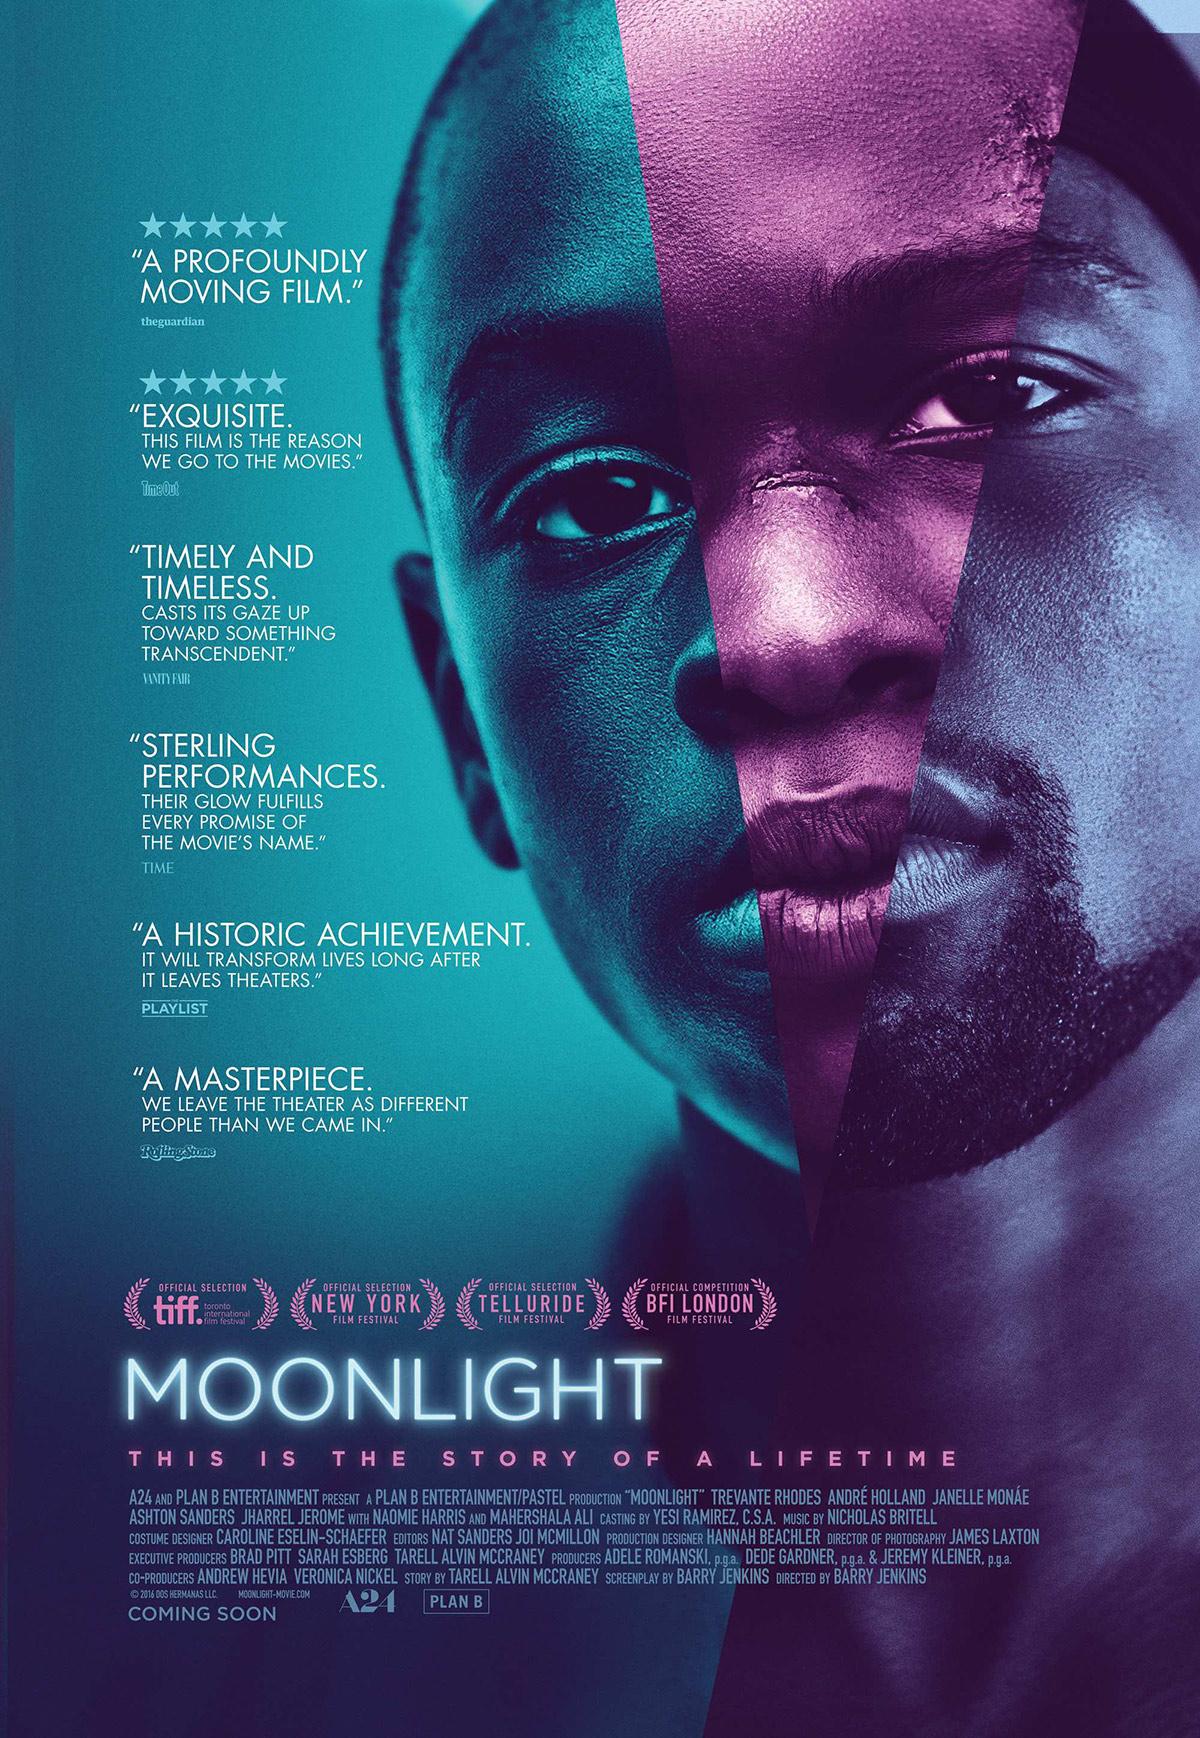 Moonlight-filmplakat.